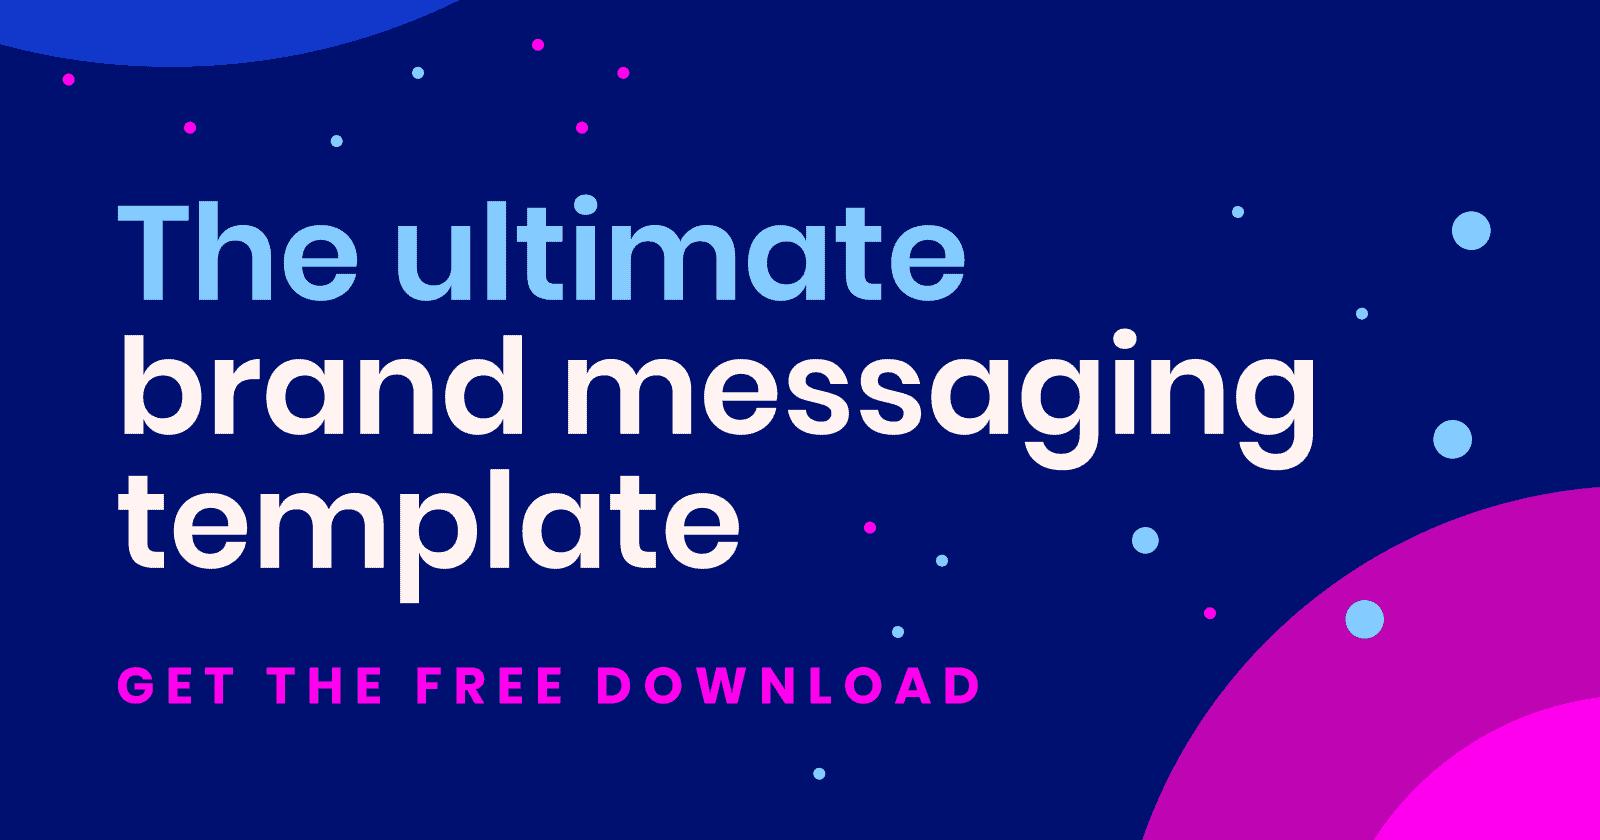 Brand messaging framework template